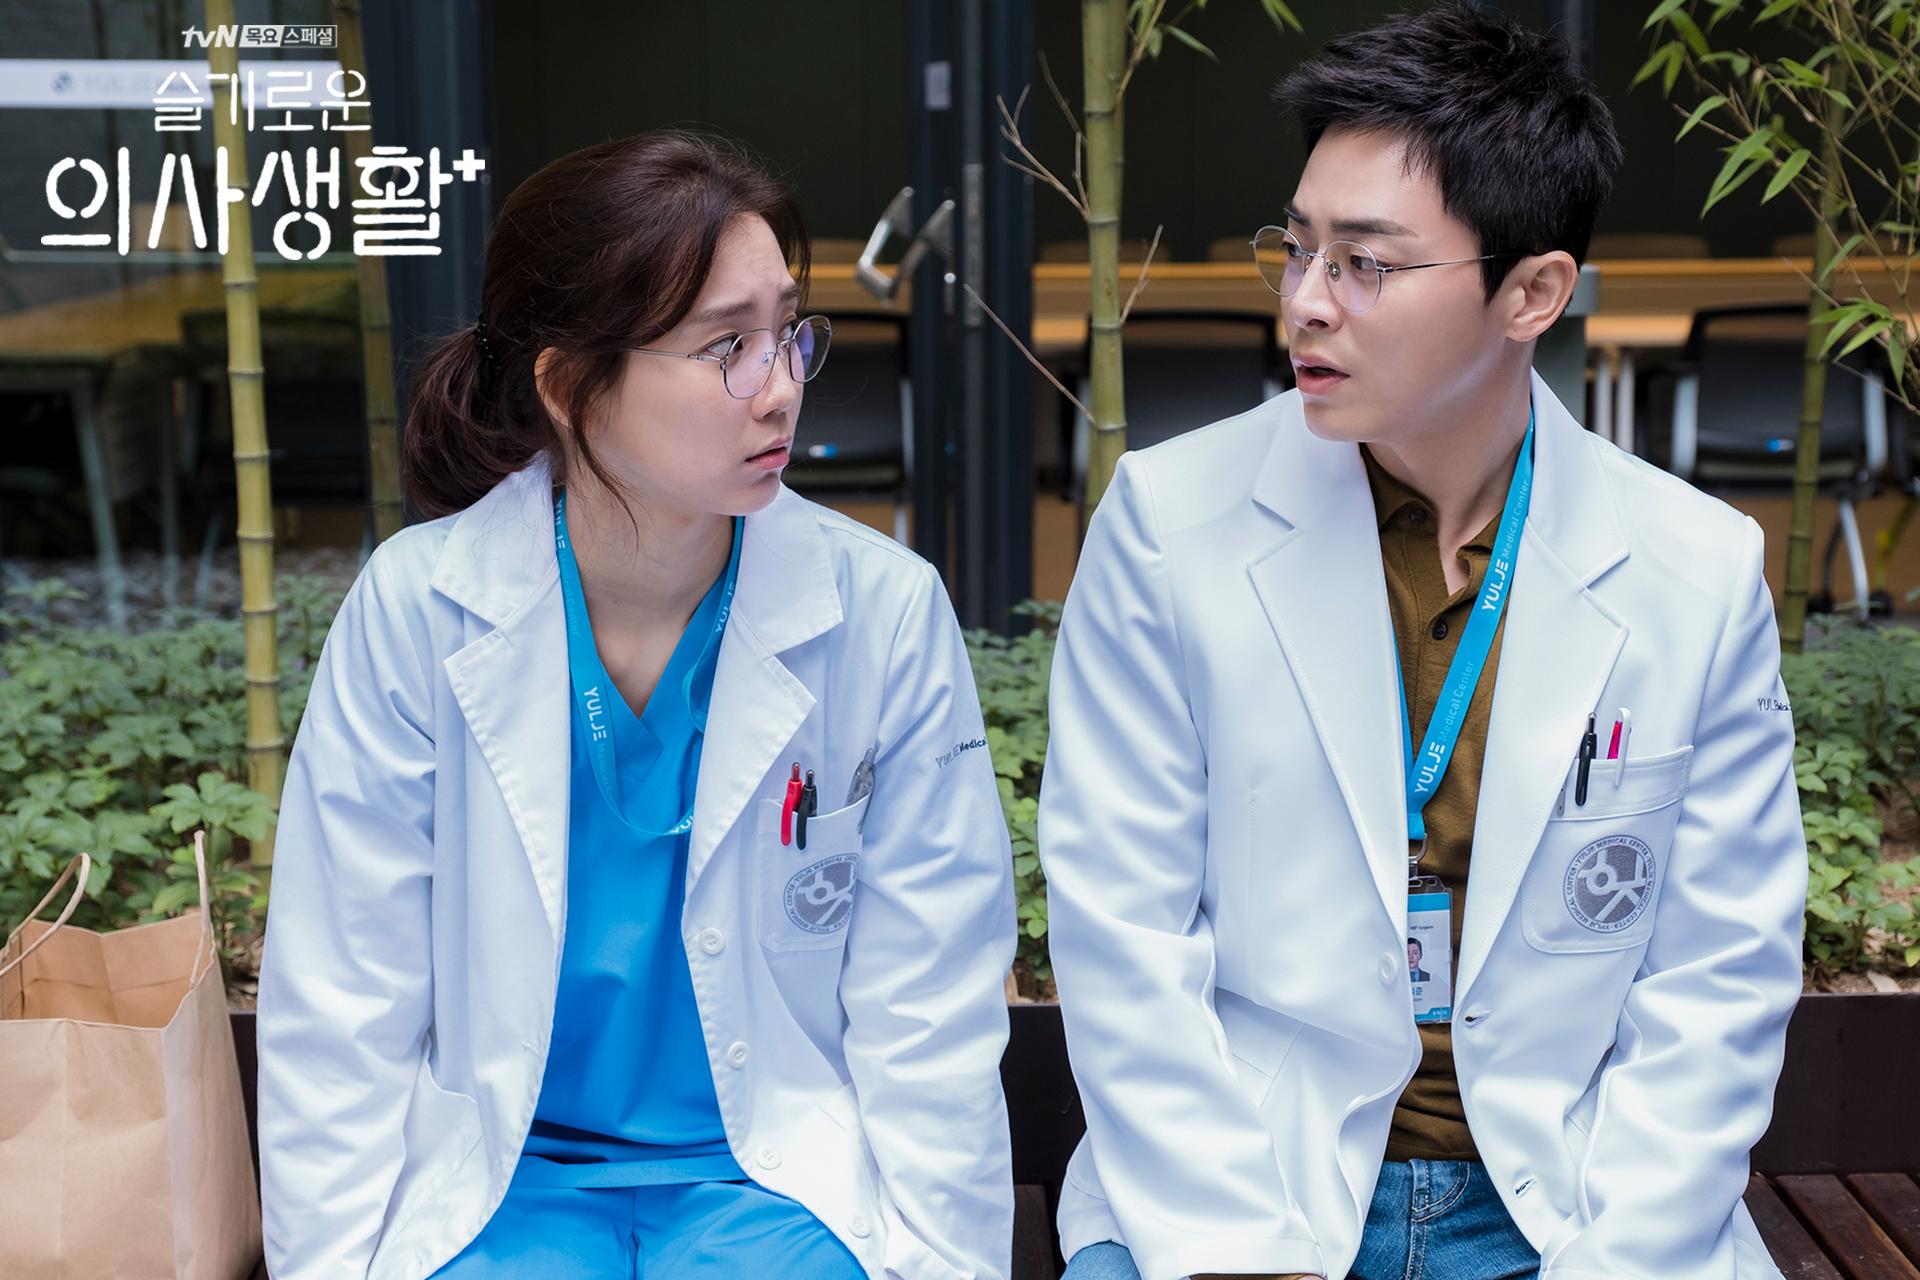 16 Hospital Playlist Shin hyun bin Jo jungsuk